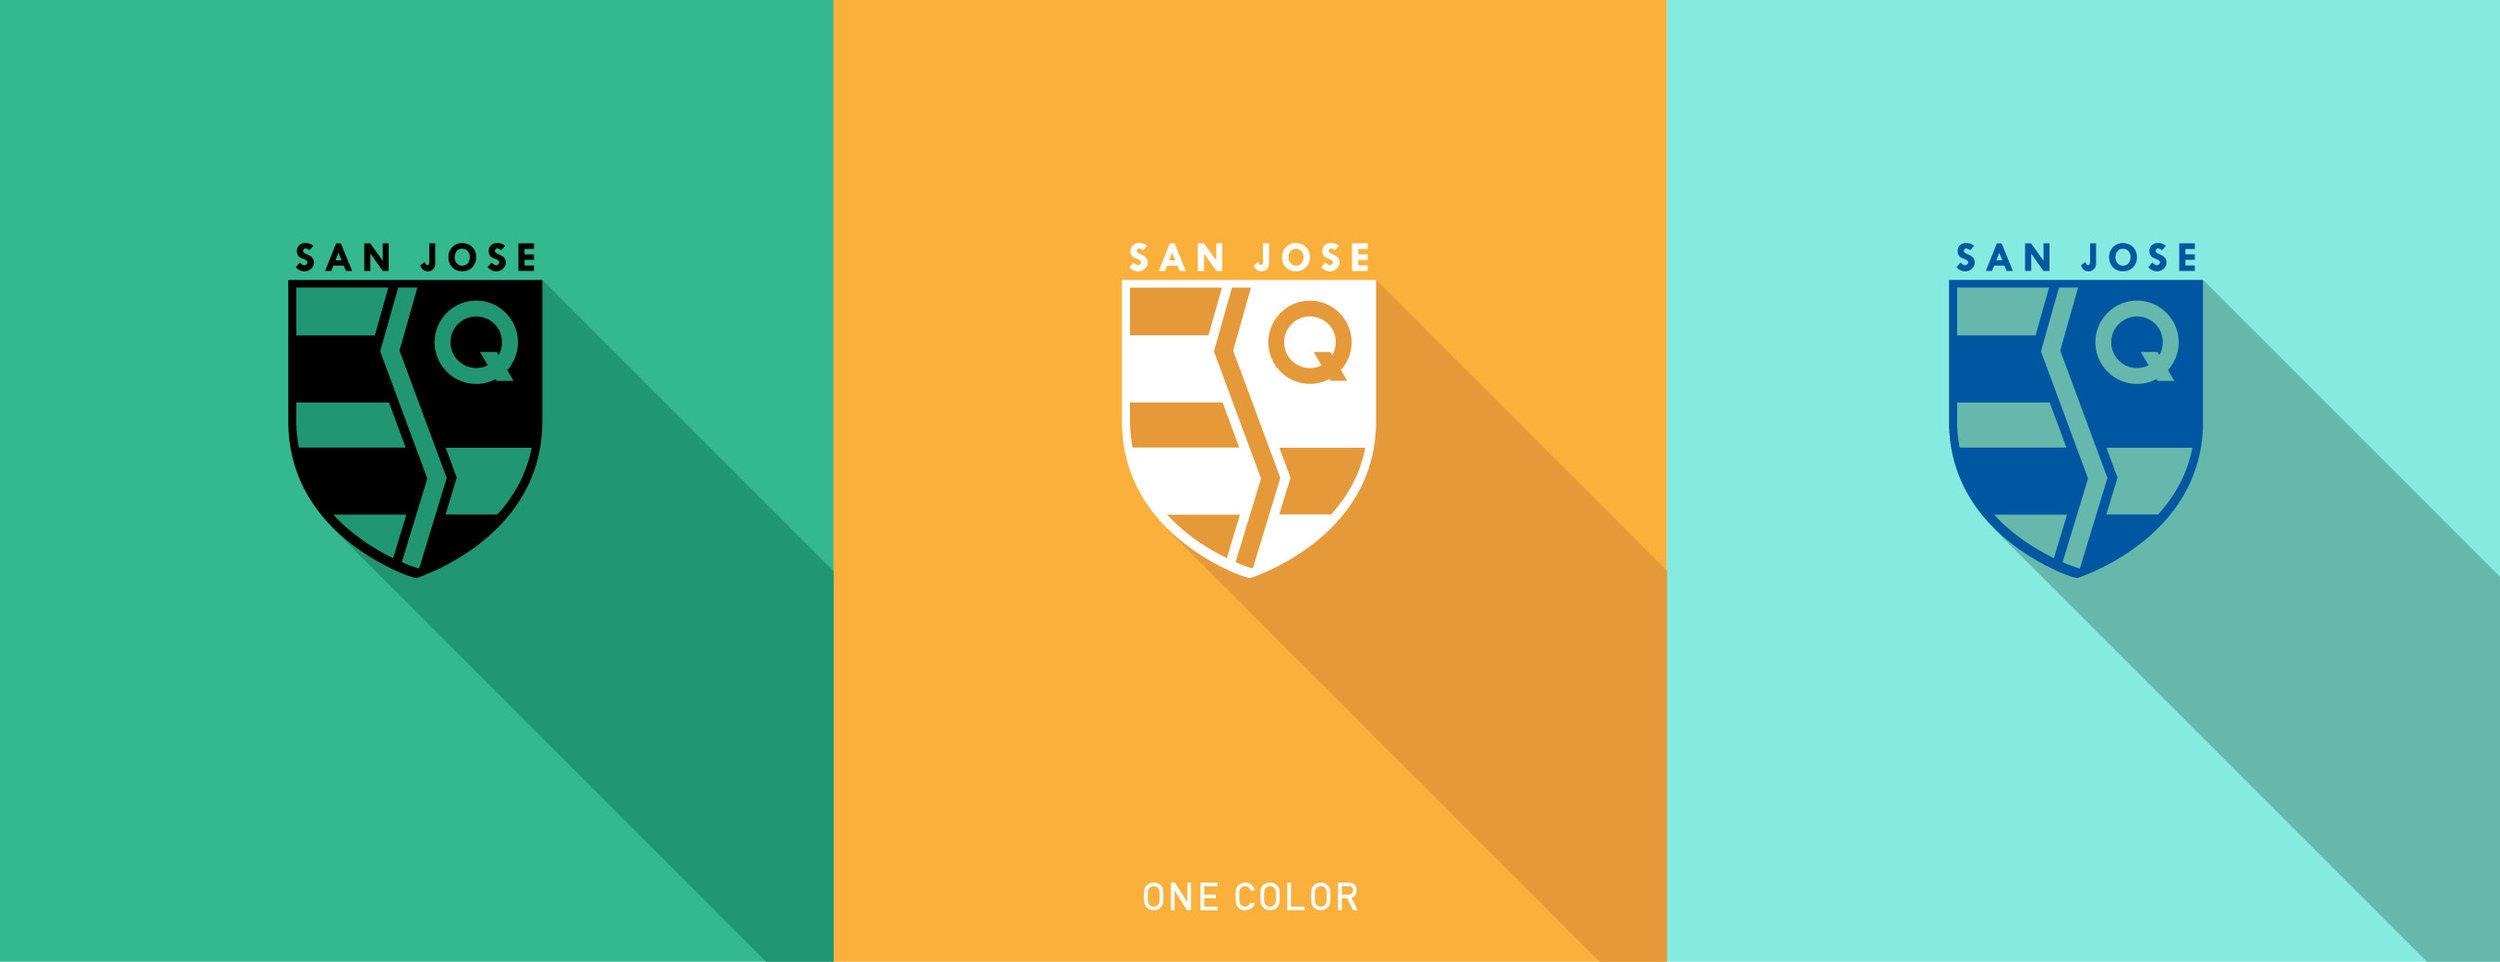 San Jose - Rebrand6.jpg